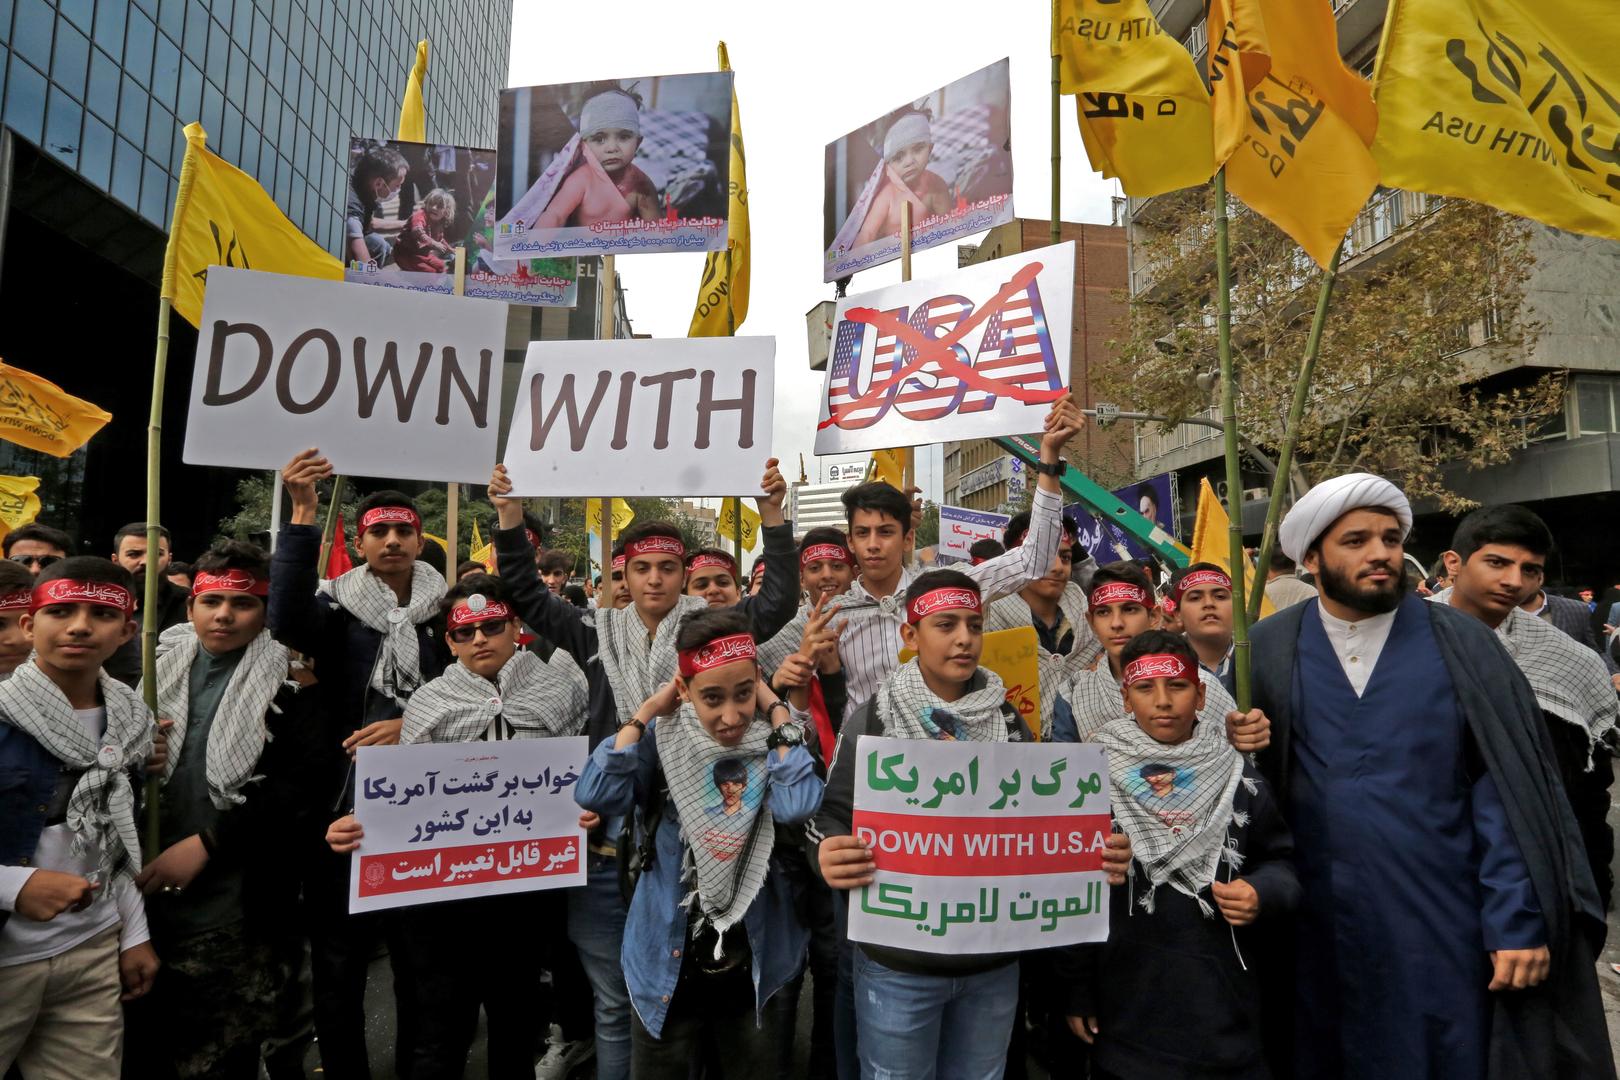 «Mort à l'Amérique» : des milliers d'Iraniens célèbrent la prise d'otages de 1979